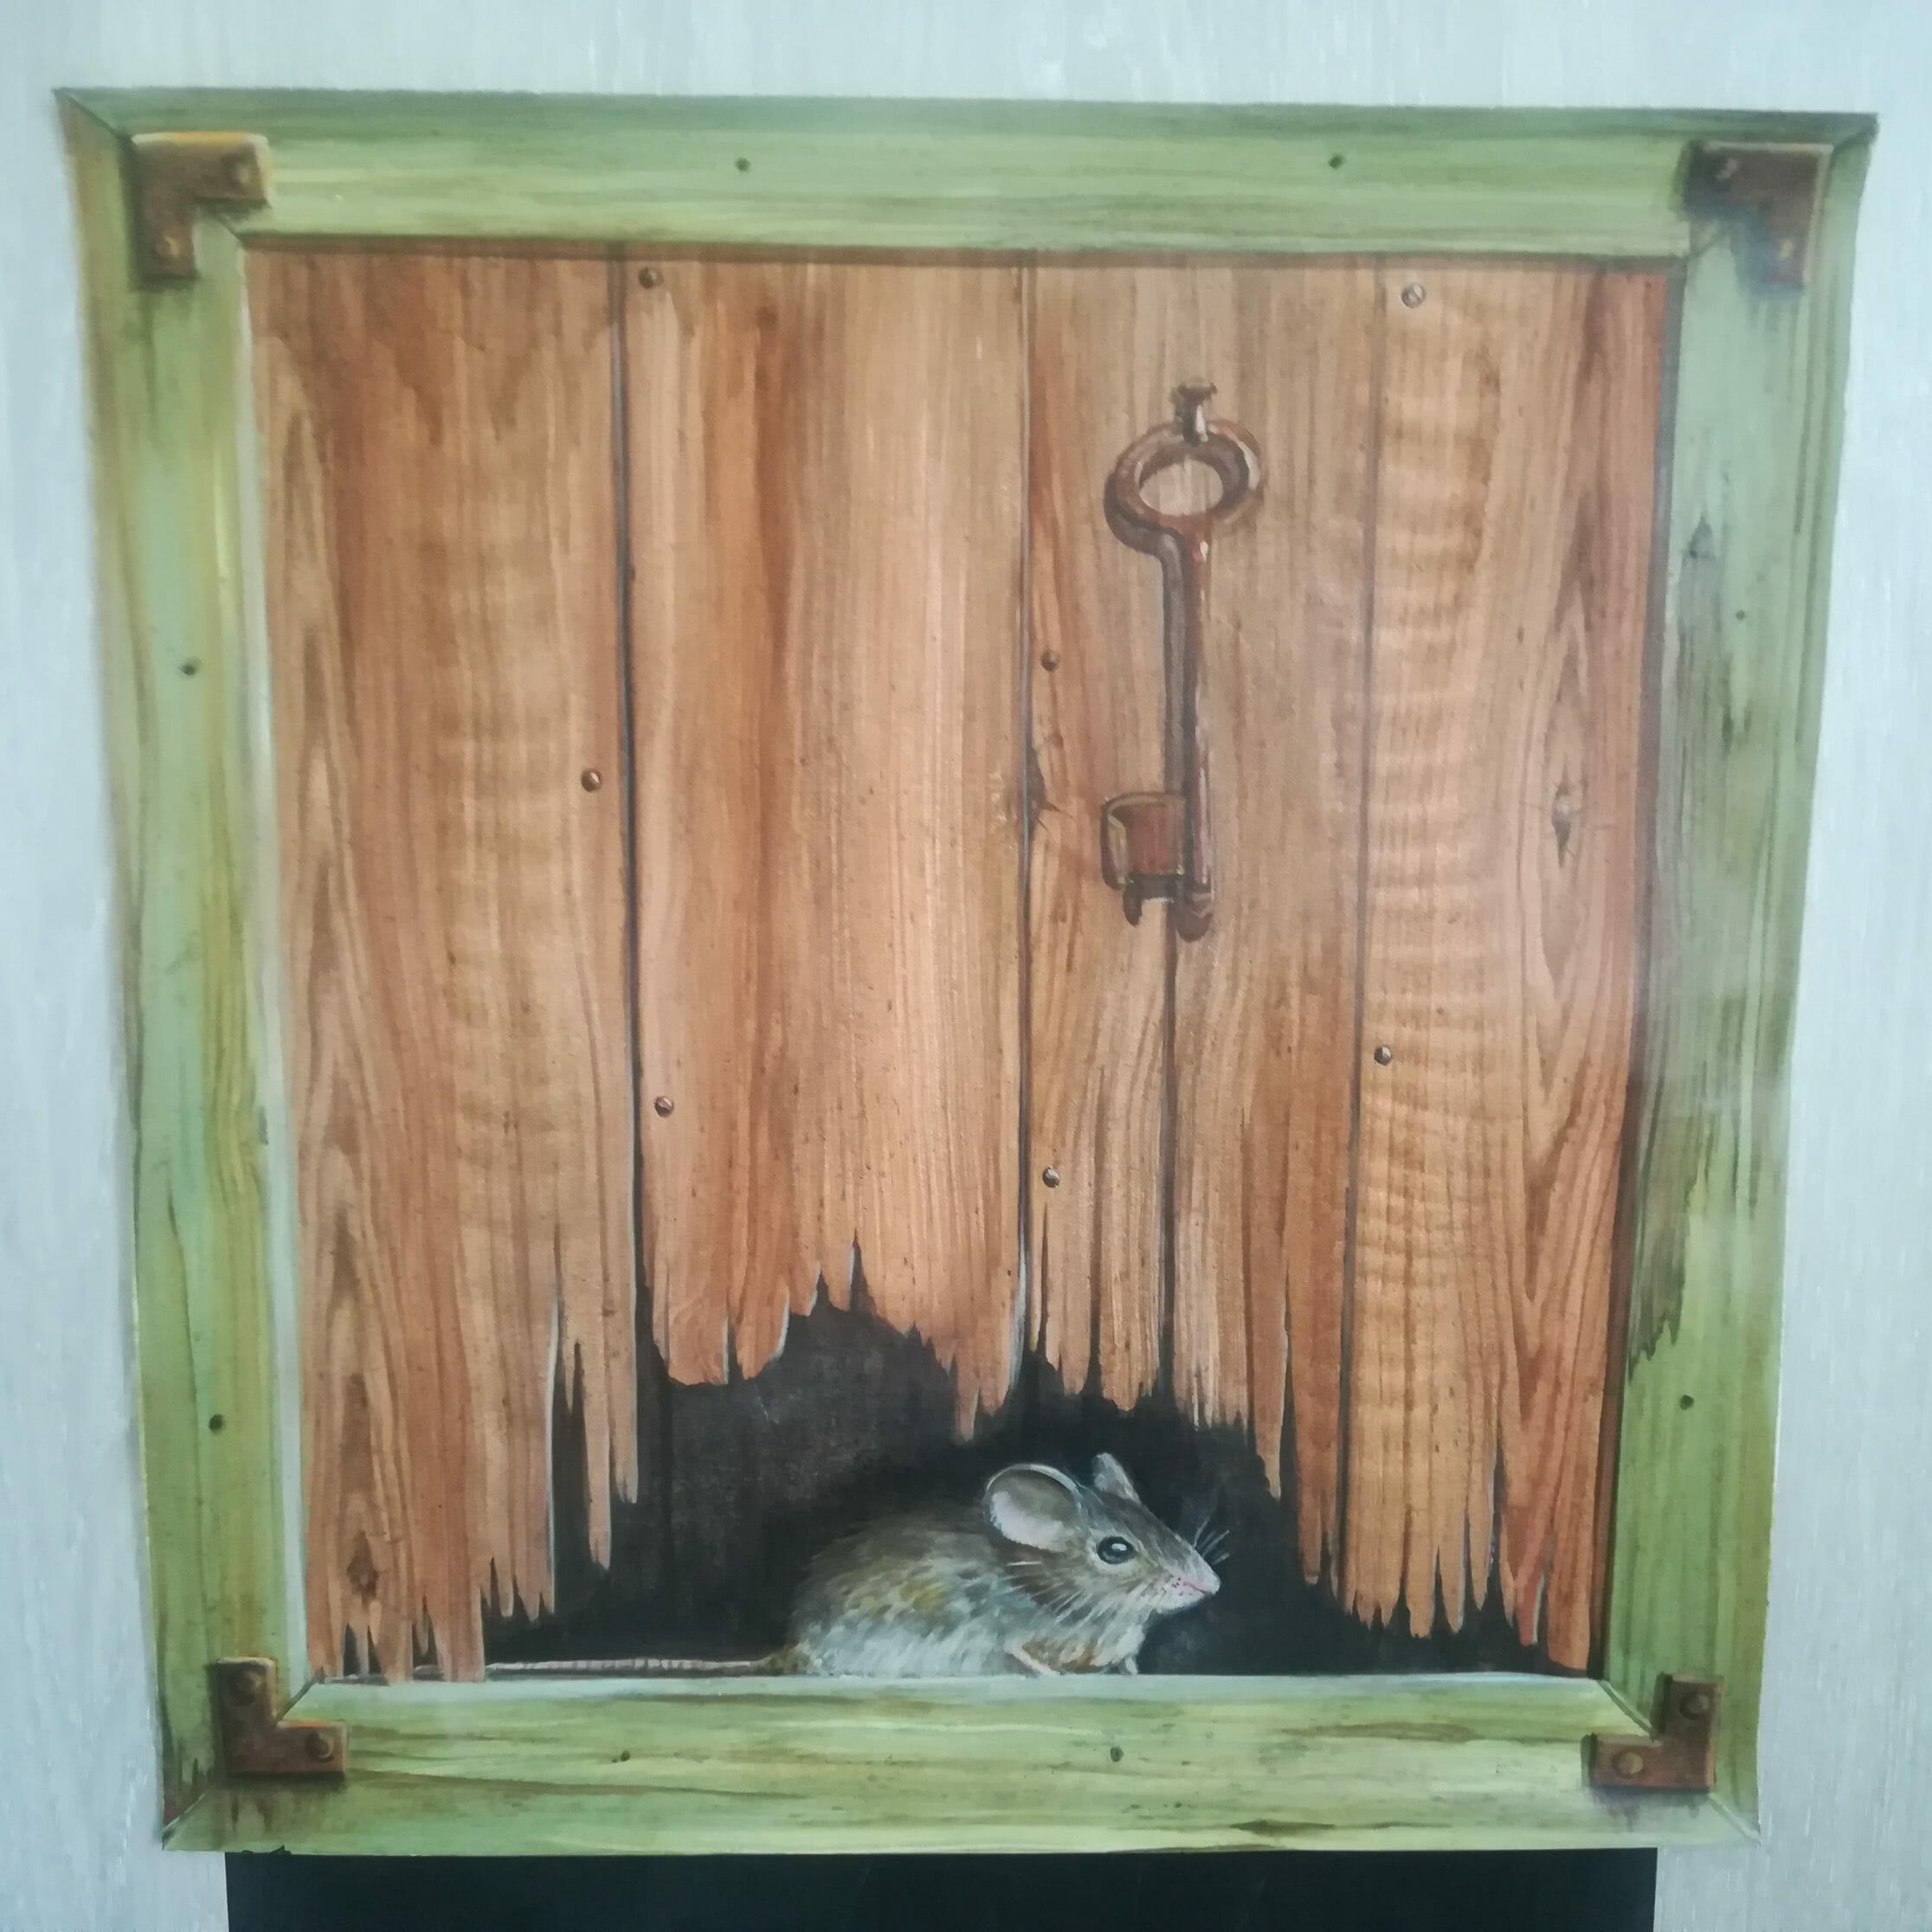 peinture trompe l'œil faux bois avec une souris et une clef